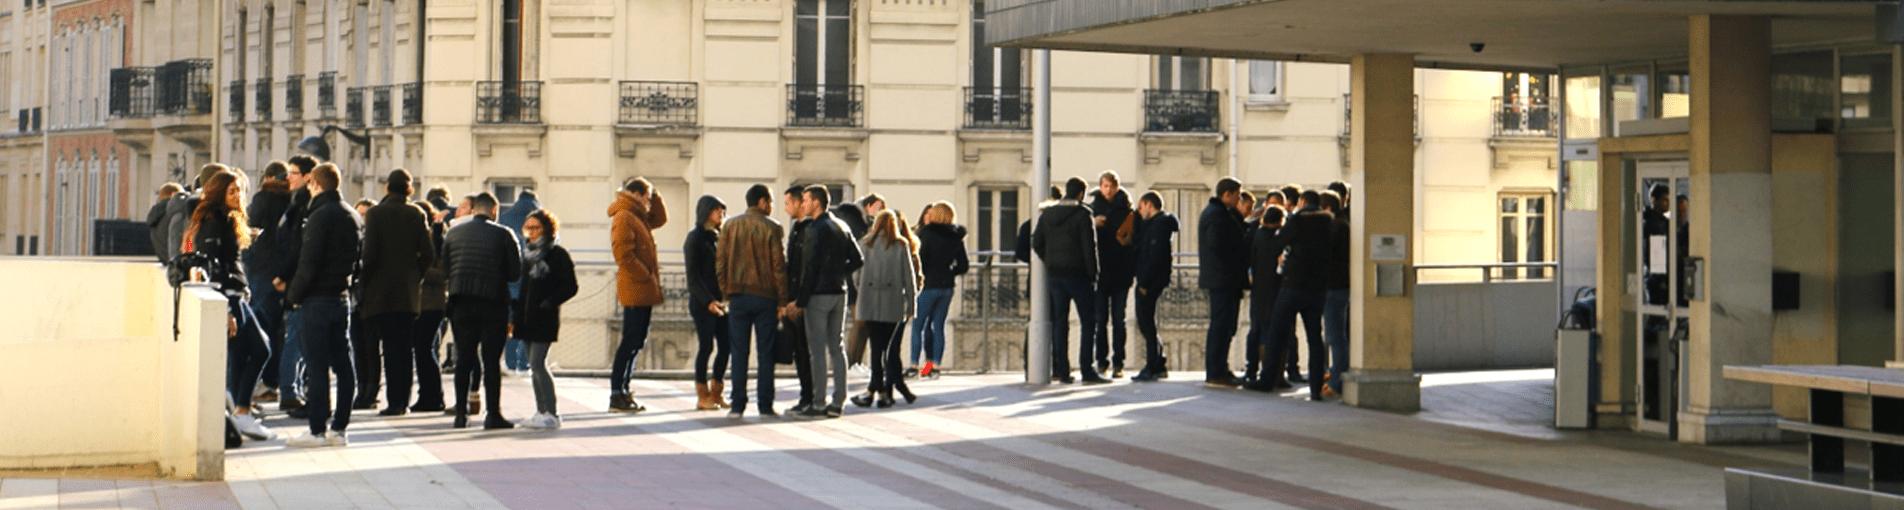 Rencontres etudiantes aix en provence